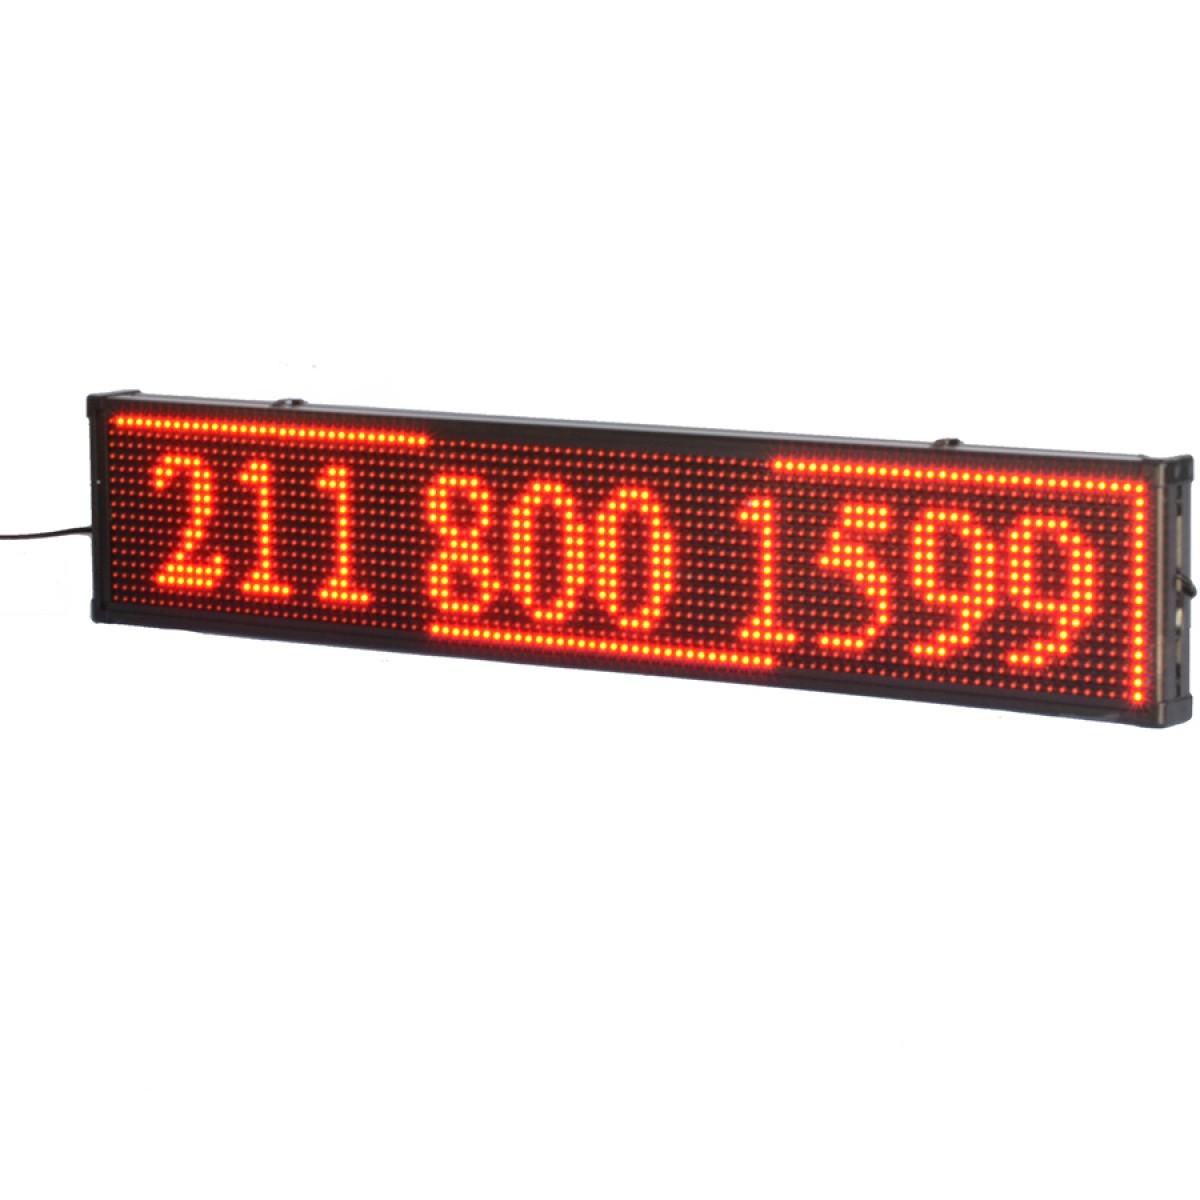 Πινακίδα LED κυλιόμενων μηνυμάτων 170x40 cm